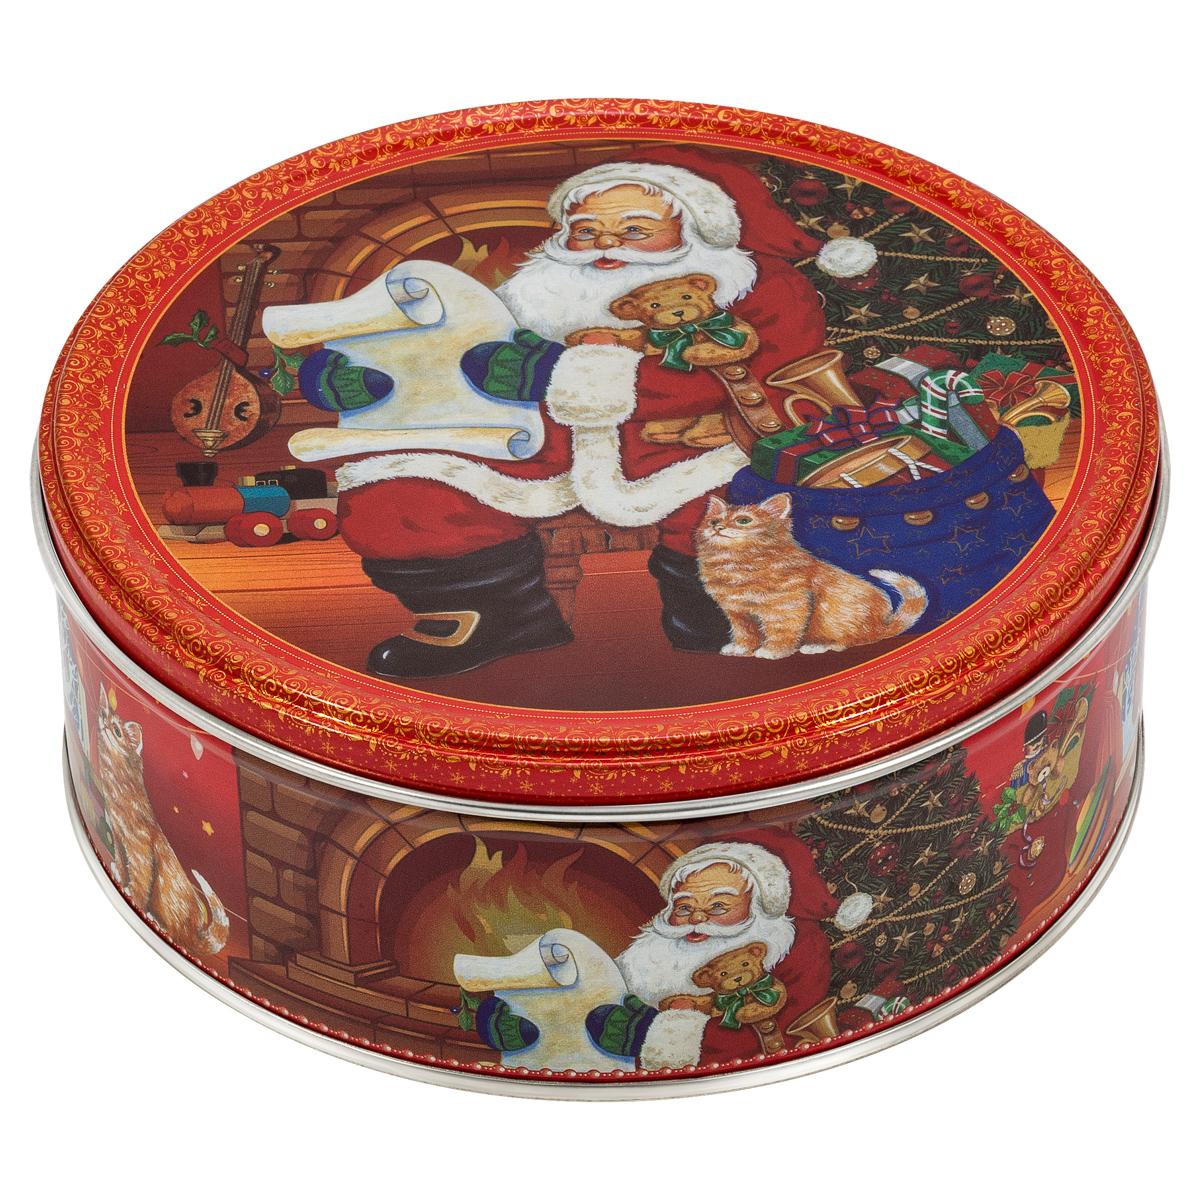 Сладкая Сказка Печенье в подарочной новогодней красной банке, 150 г печенье фитнес купить